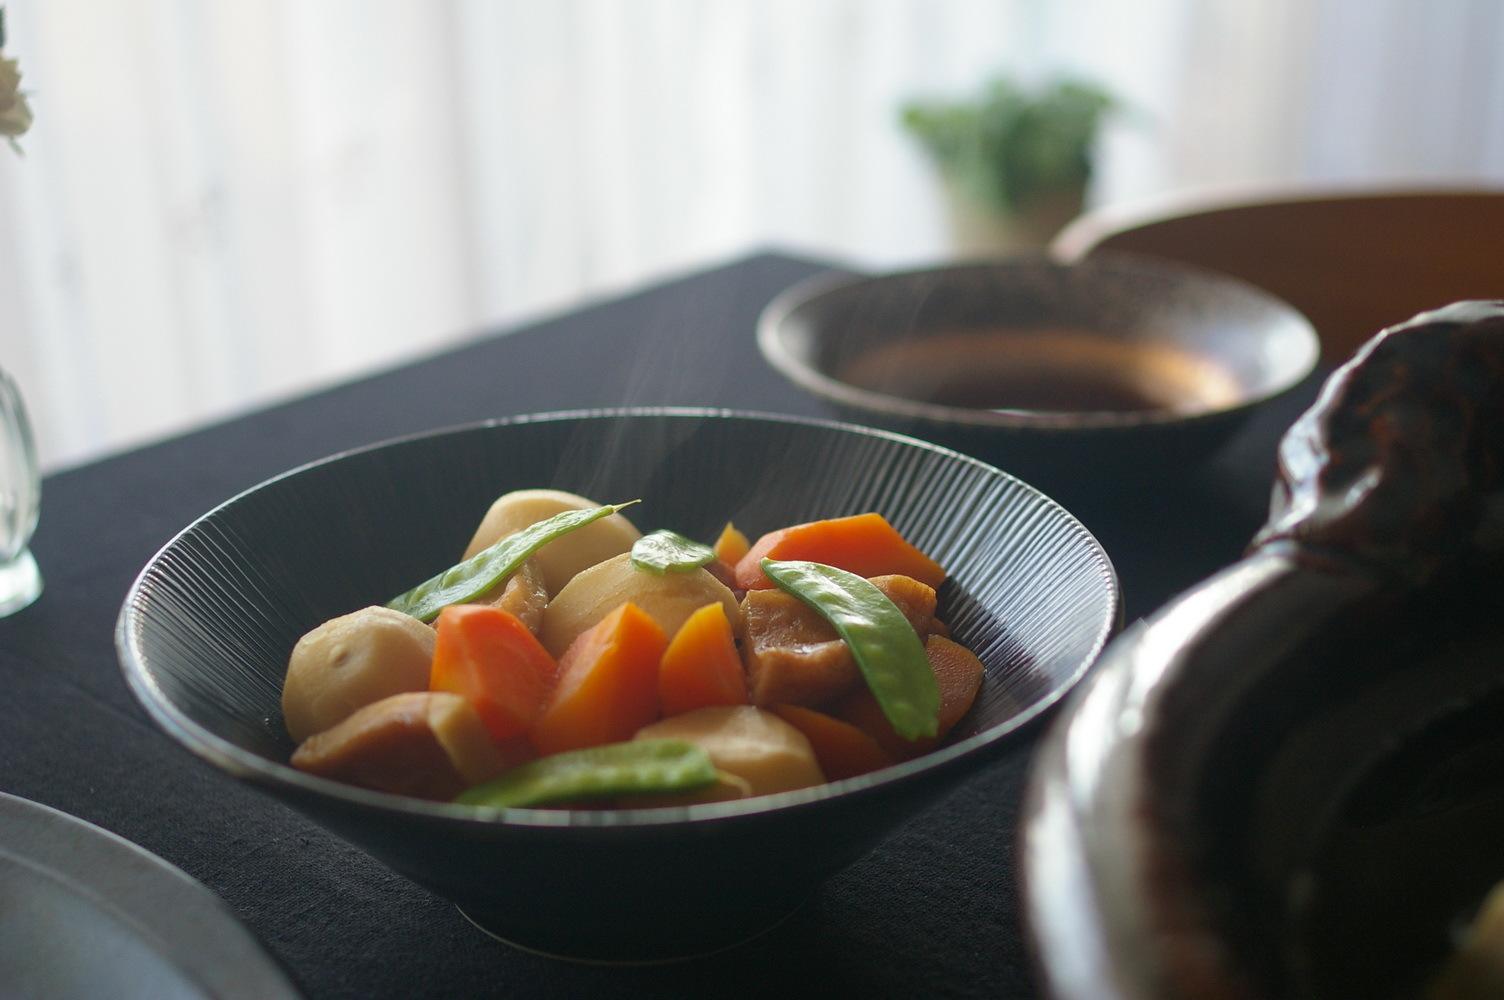 今日の豚カツ弁当と鮭のみりん漬け_d0327373_11514890.jpg